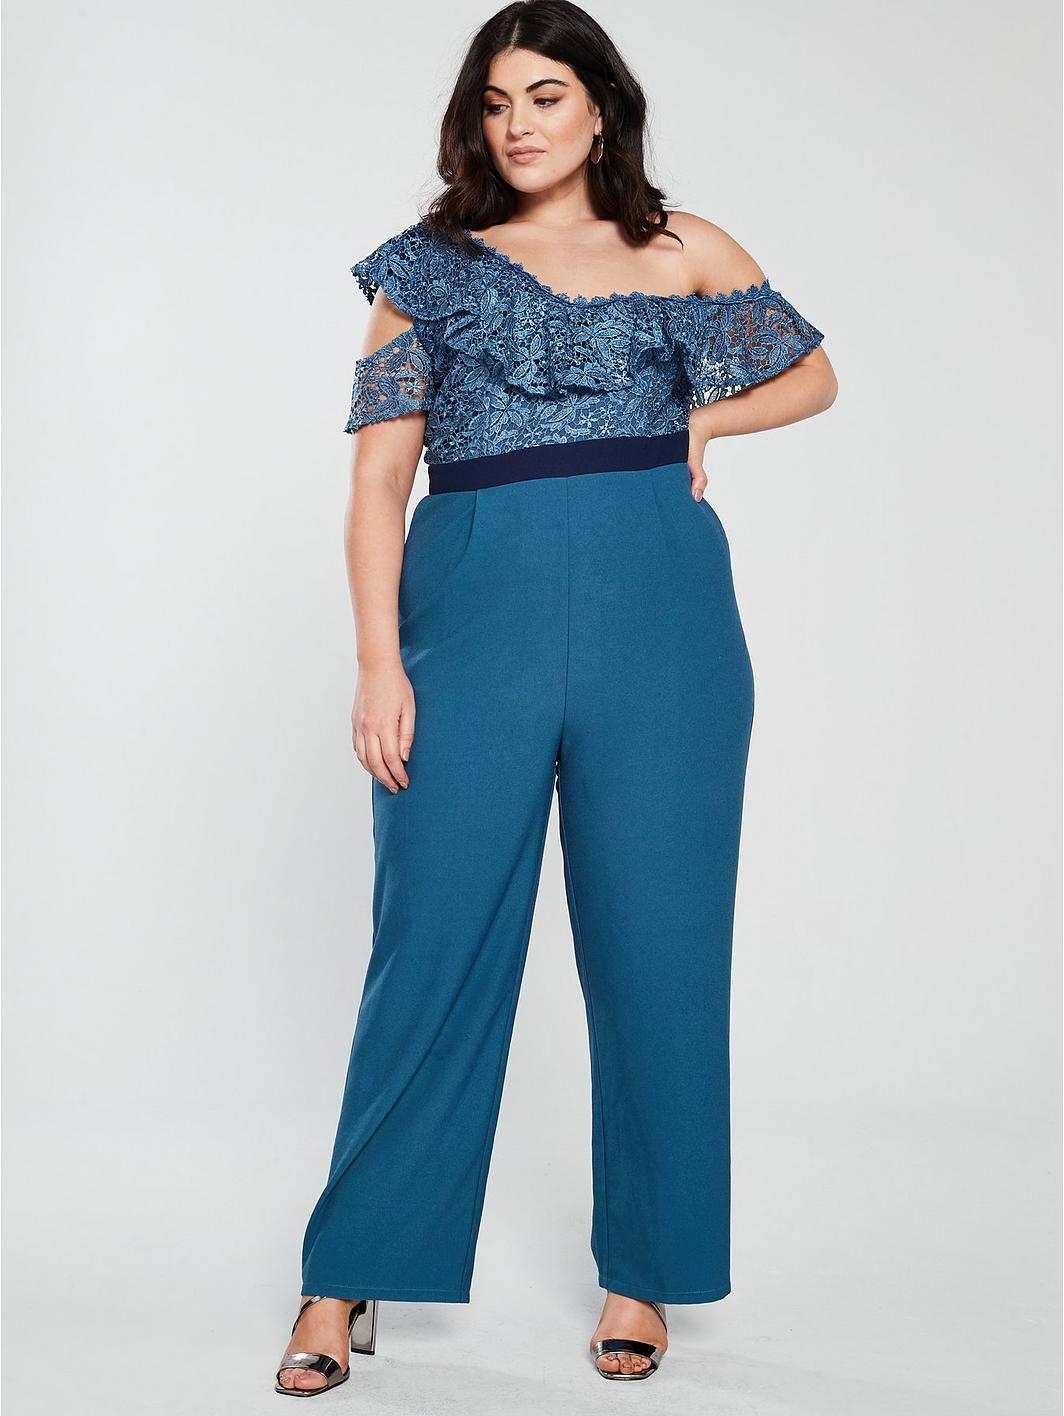 8fb8df8b20 Little Mistress Curve One Shoulder Crochet Jumpsuit - Blue, https://www.